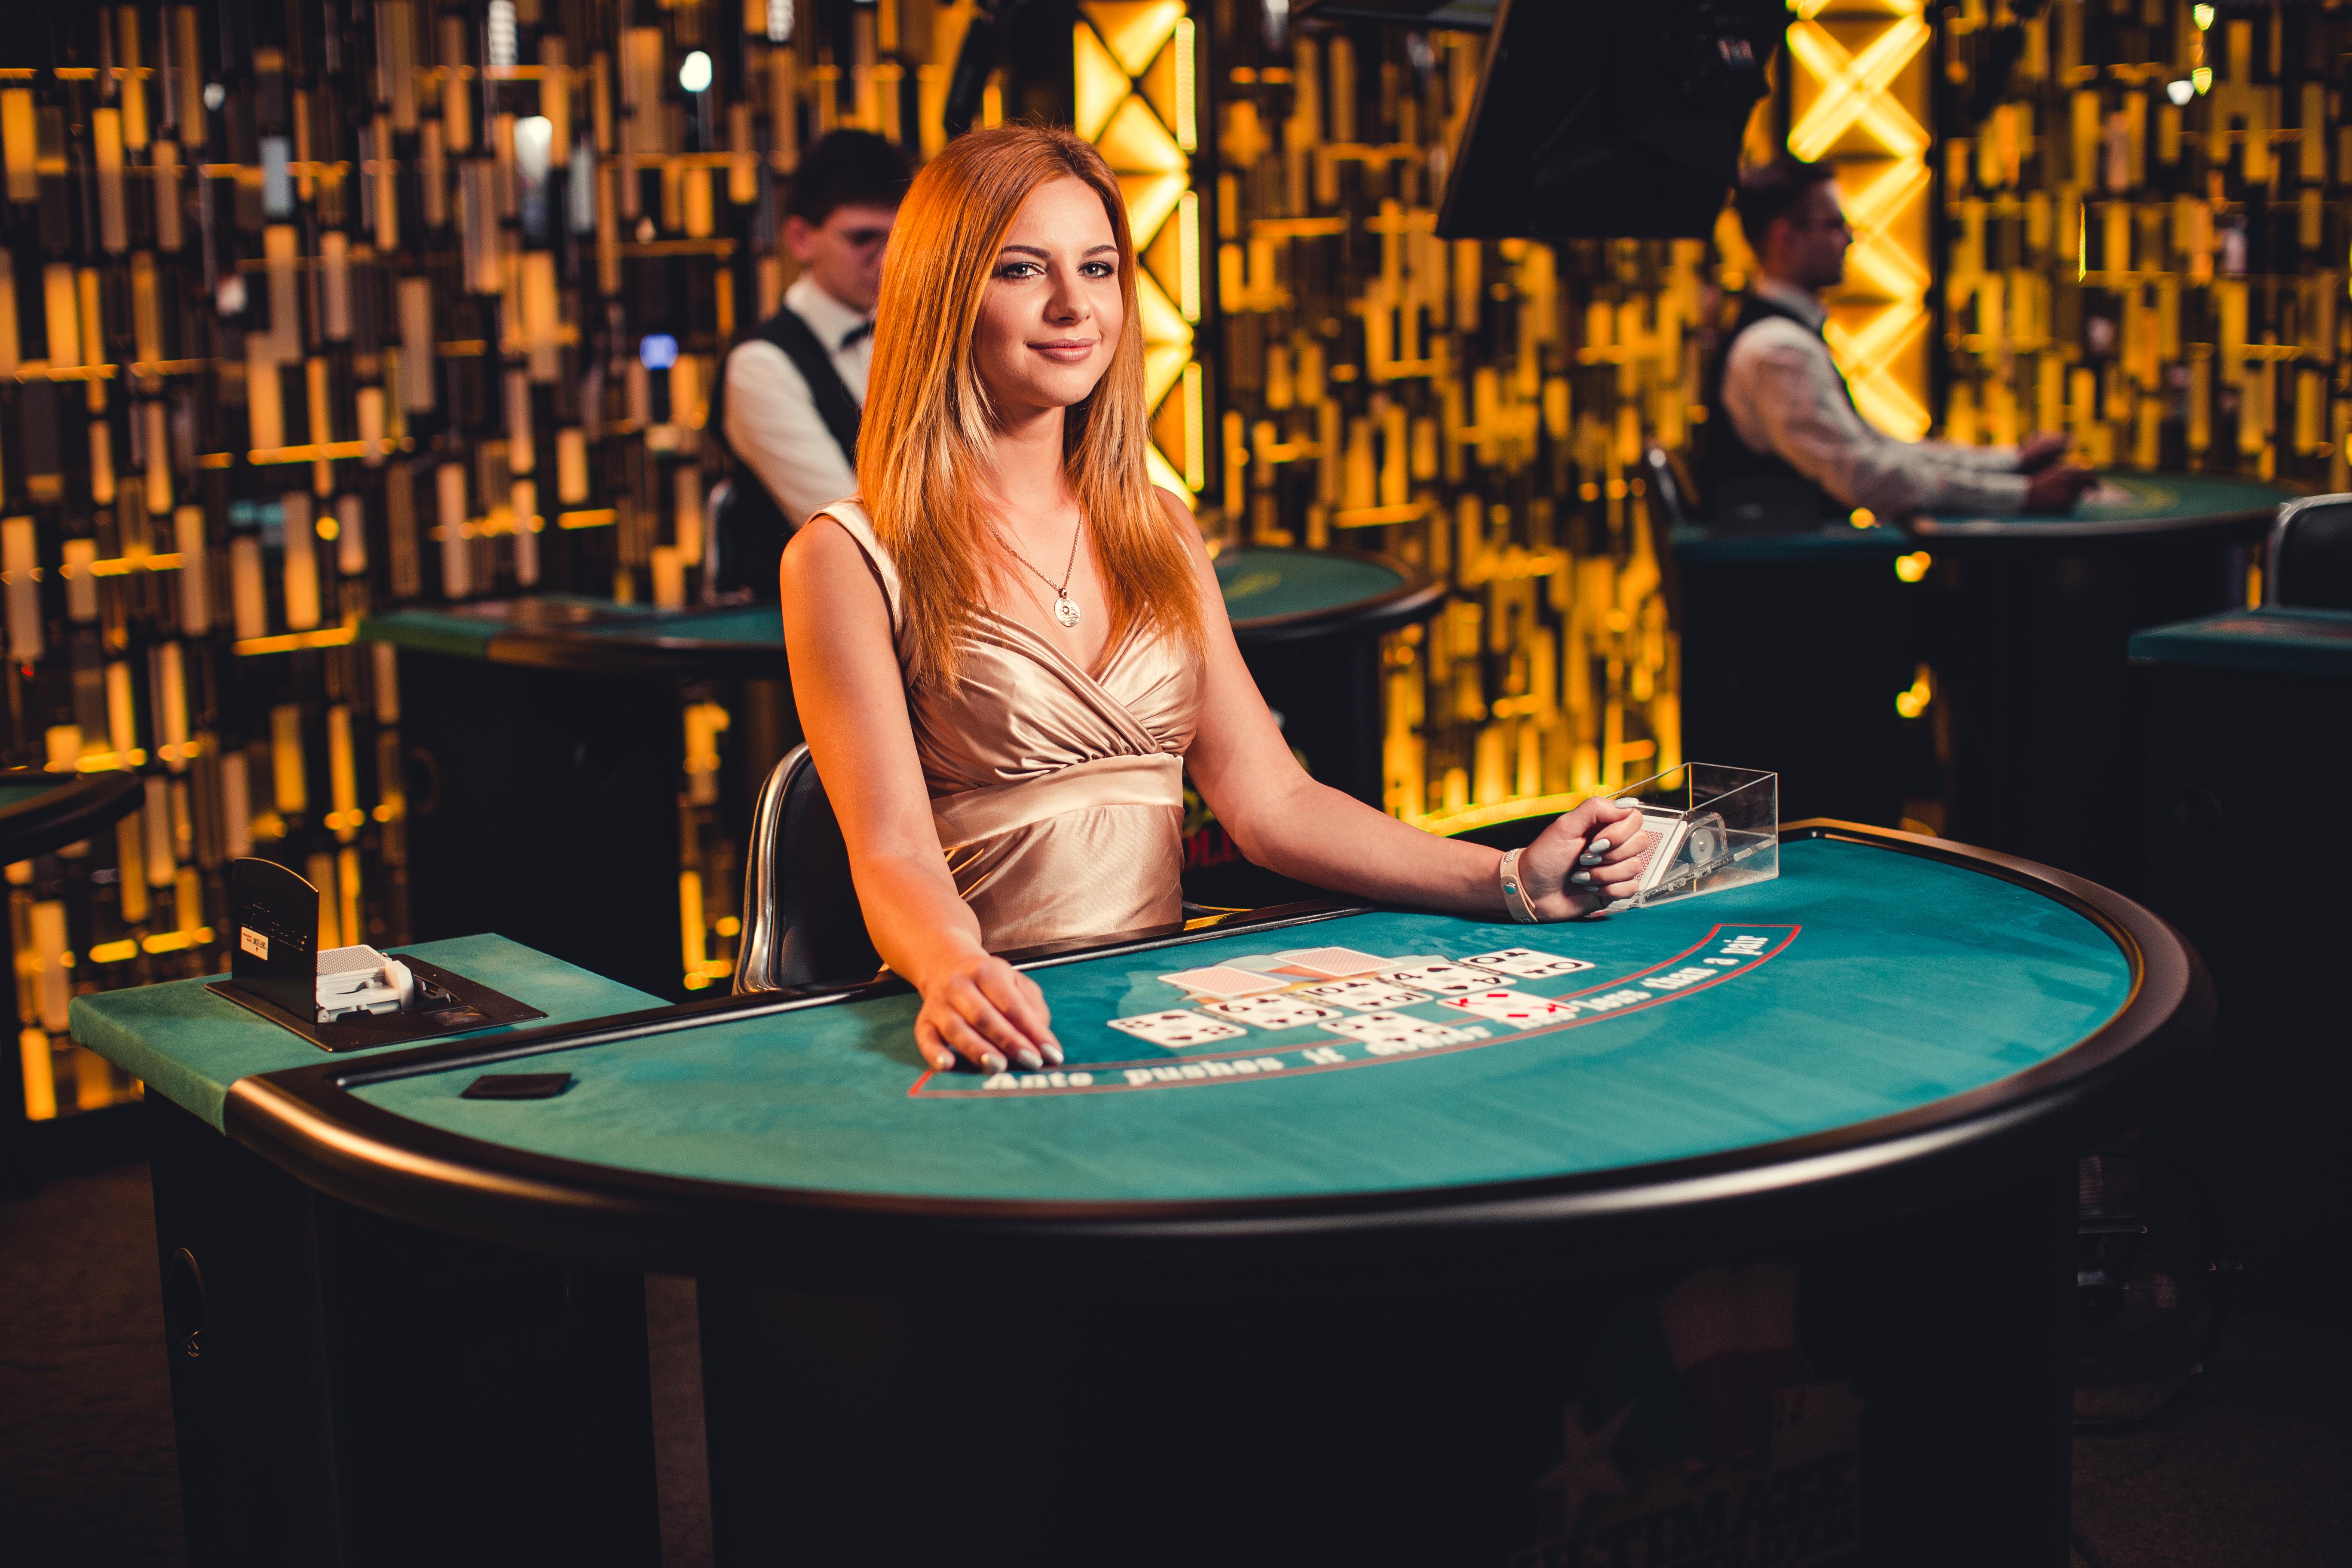 Texas Holde'em Live Dealer